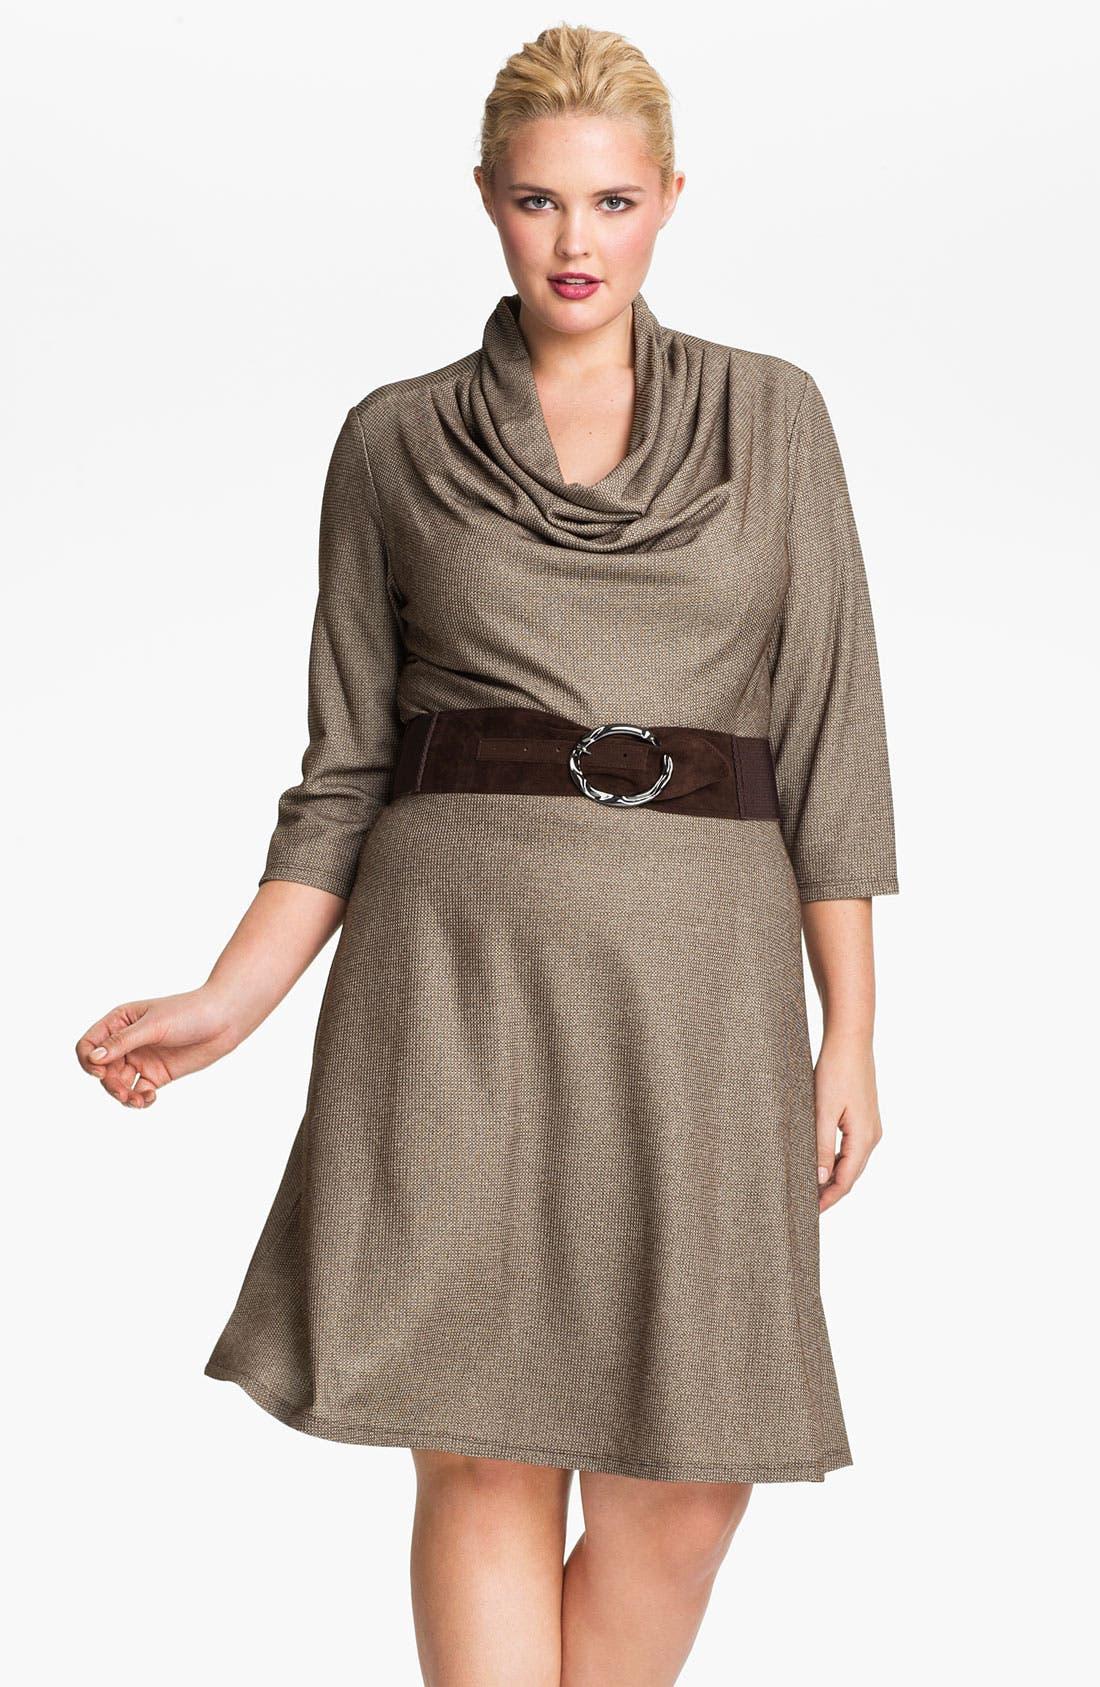 Alternate Image 1 Selected - Eliza J Belted Cowl Neck Dress (Plus)